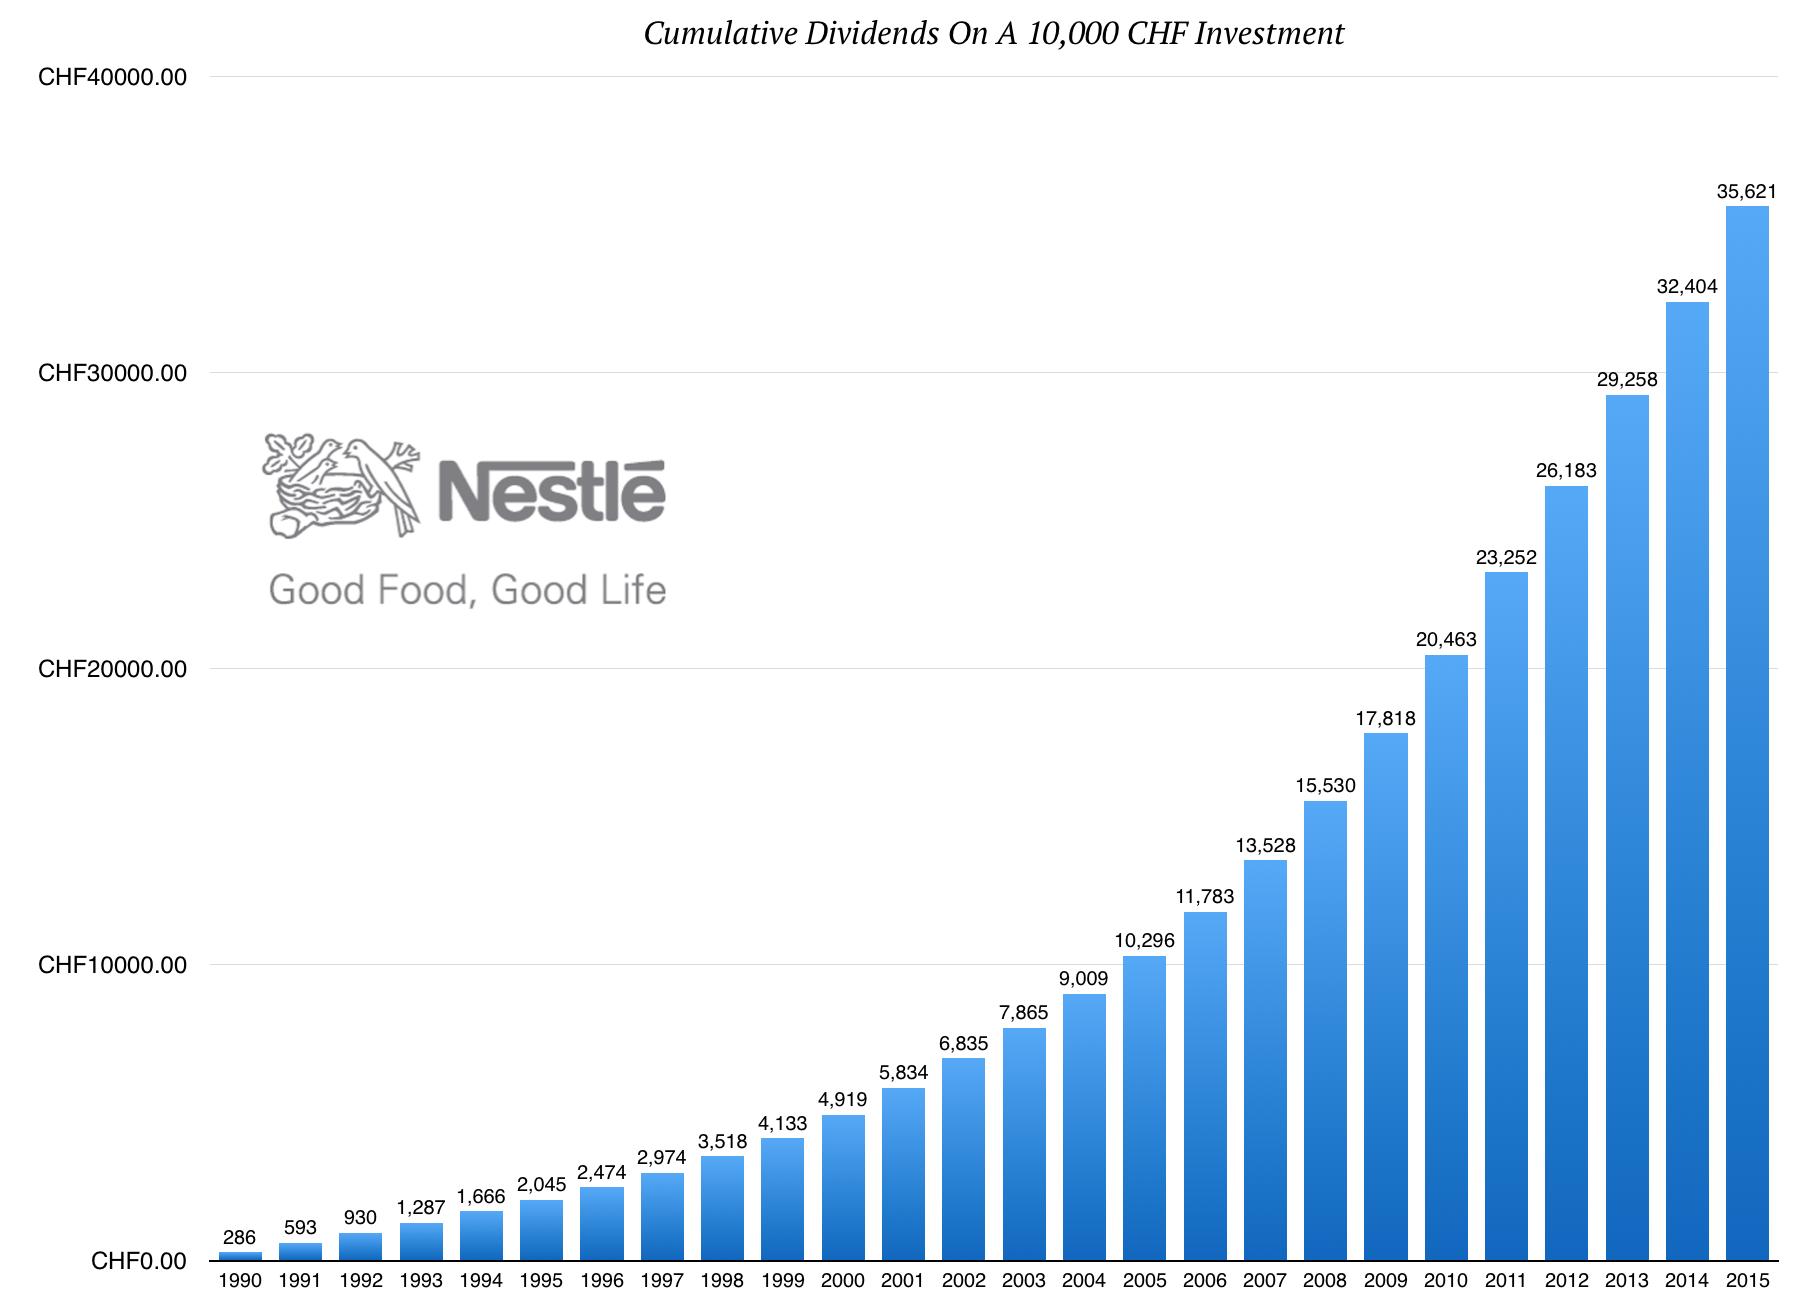 NestleDividendInvestment